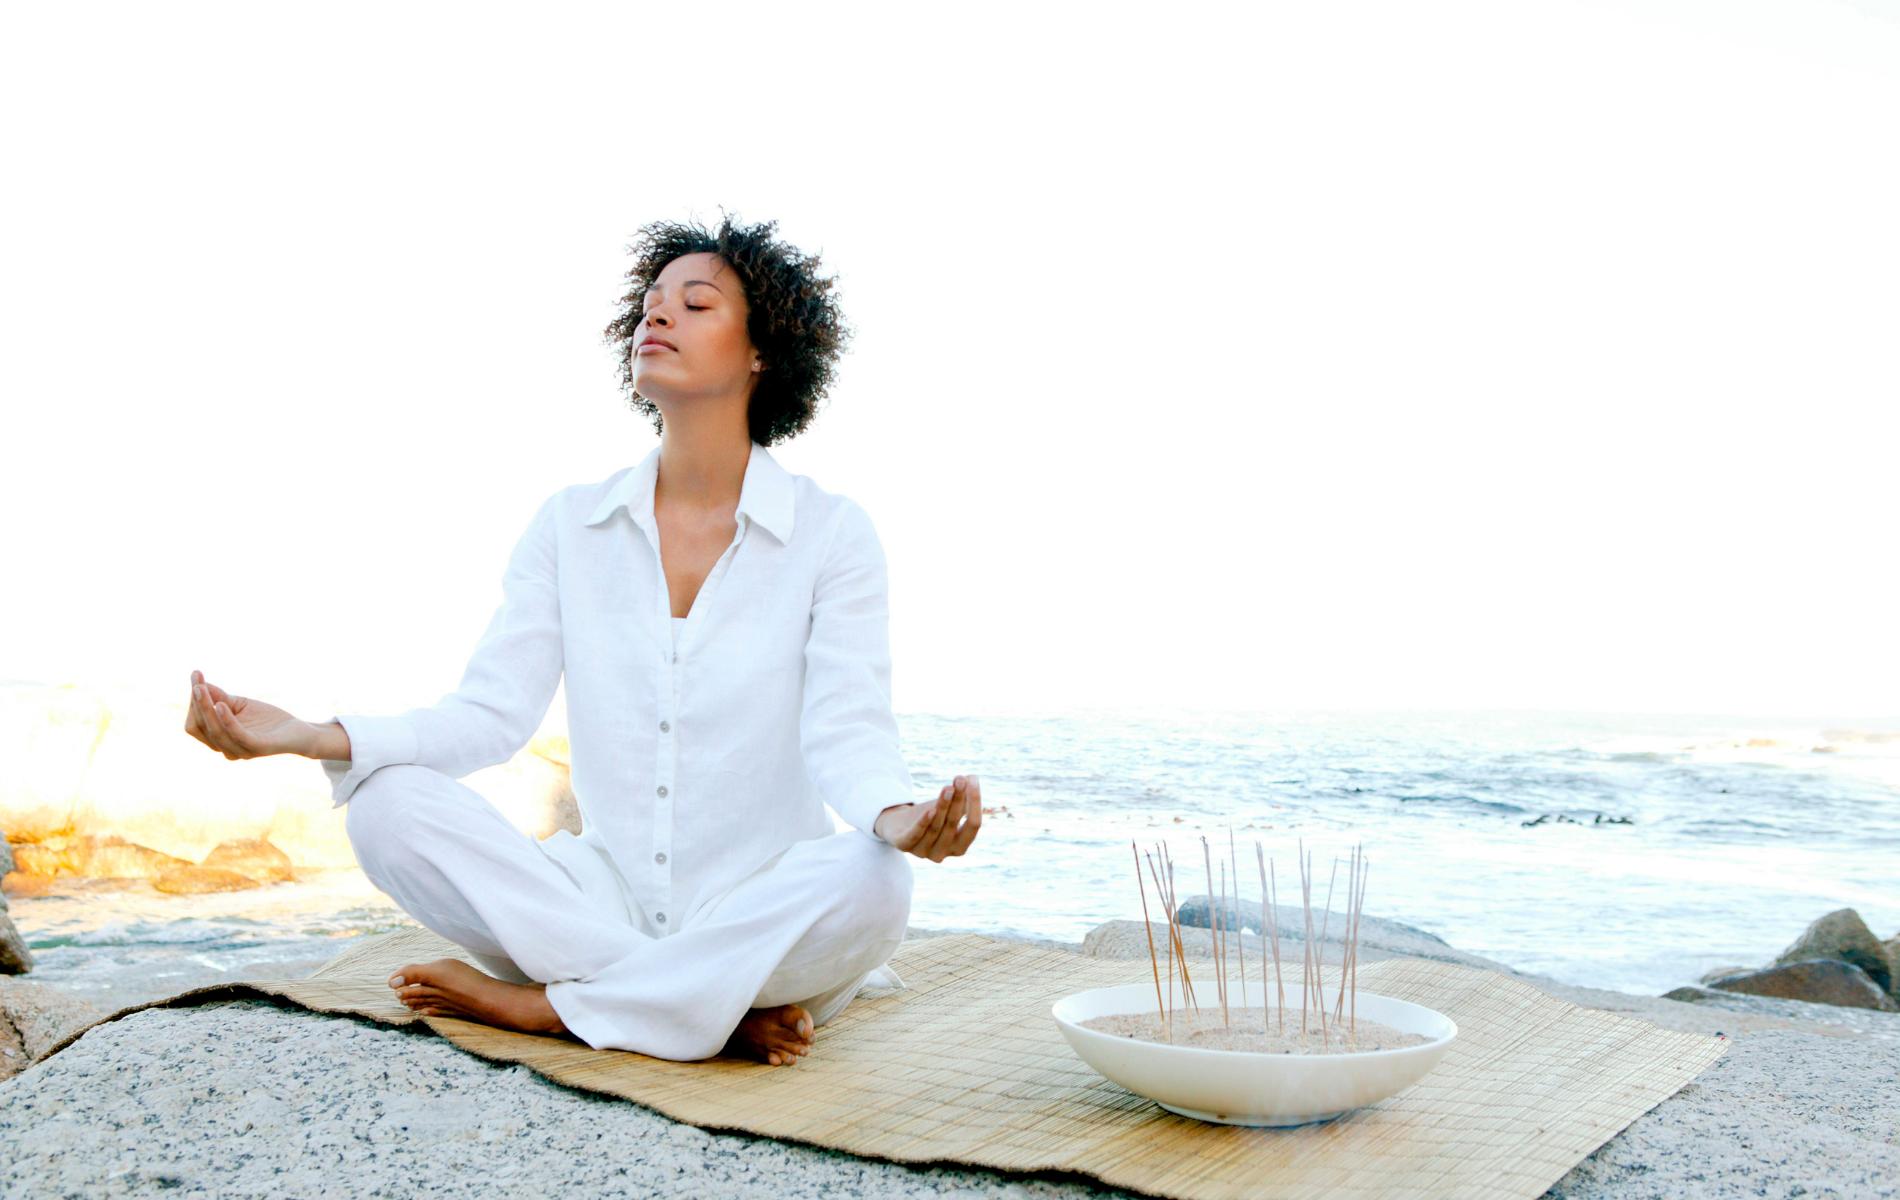 Quelques mantras et chants d'un cours Kundalini yoga